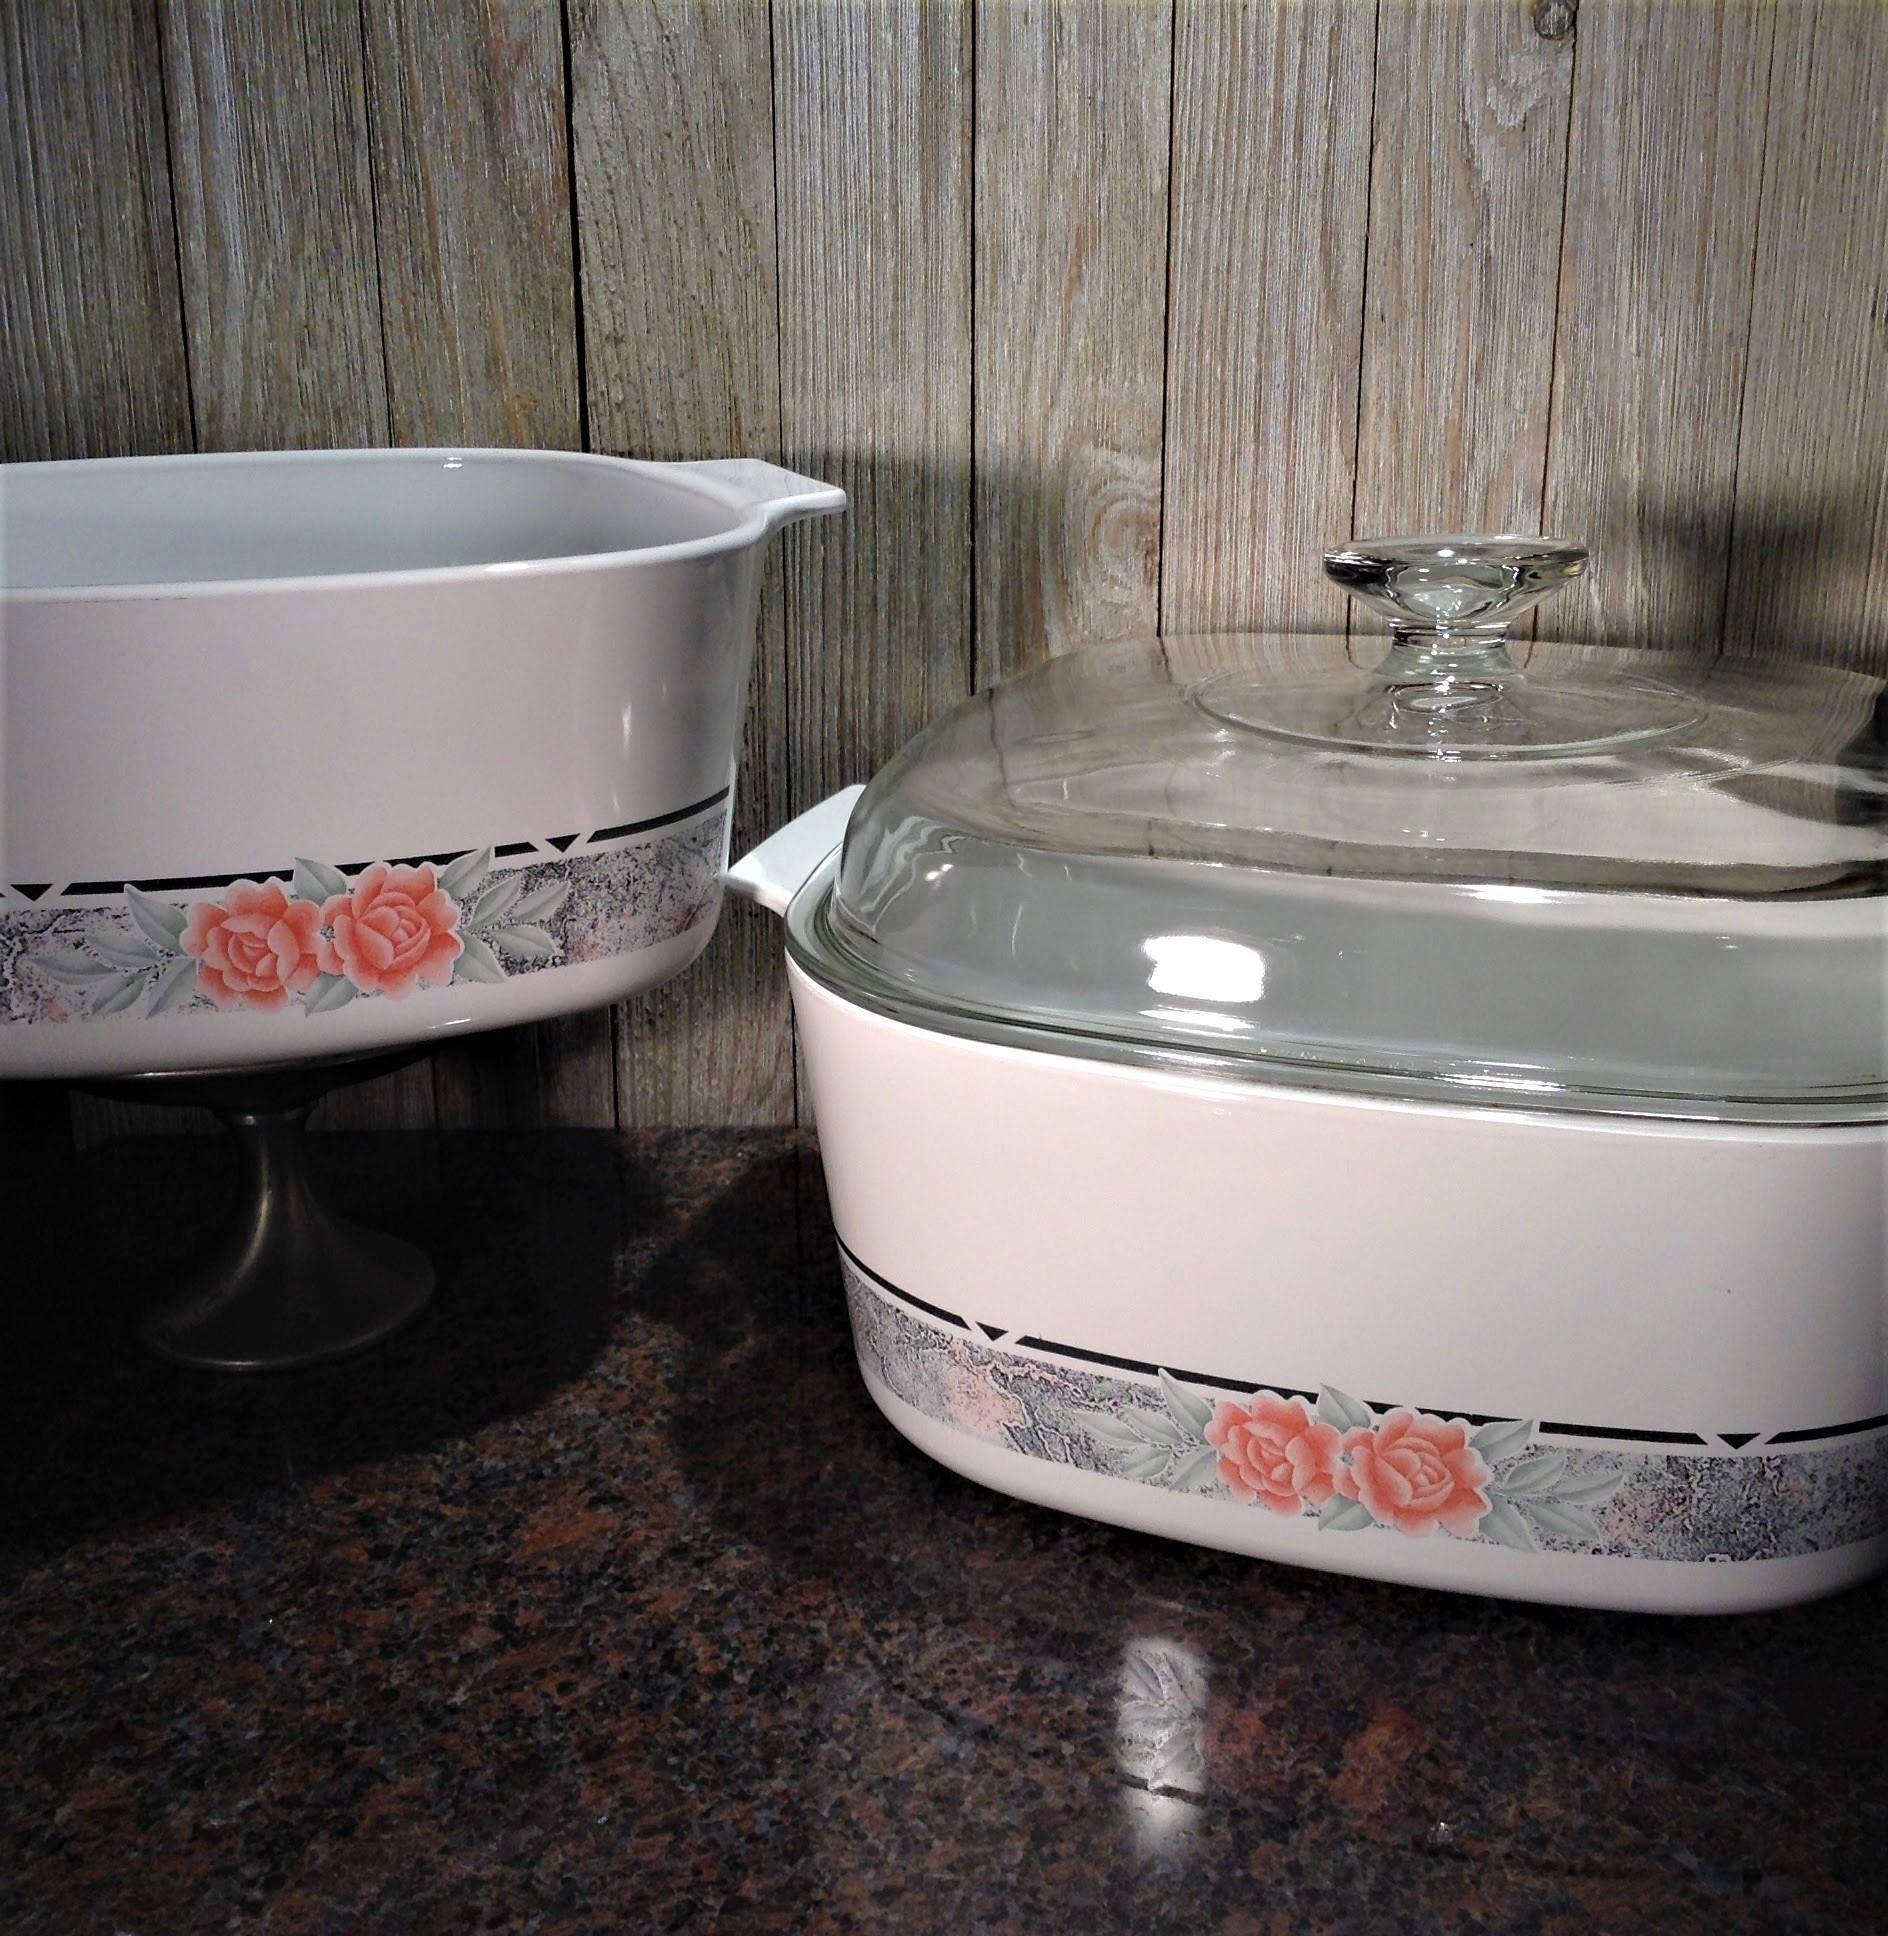 Corning Ware Silk and Roses 5 qt Dutch Oven w Lid & 3 qt Casserole ...